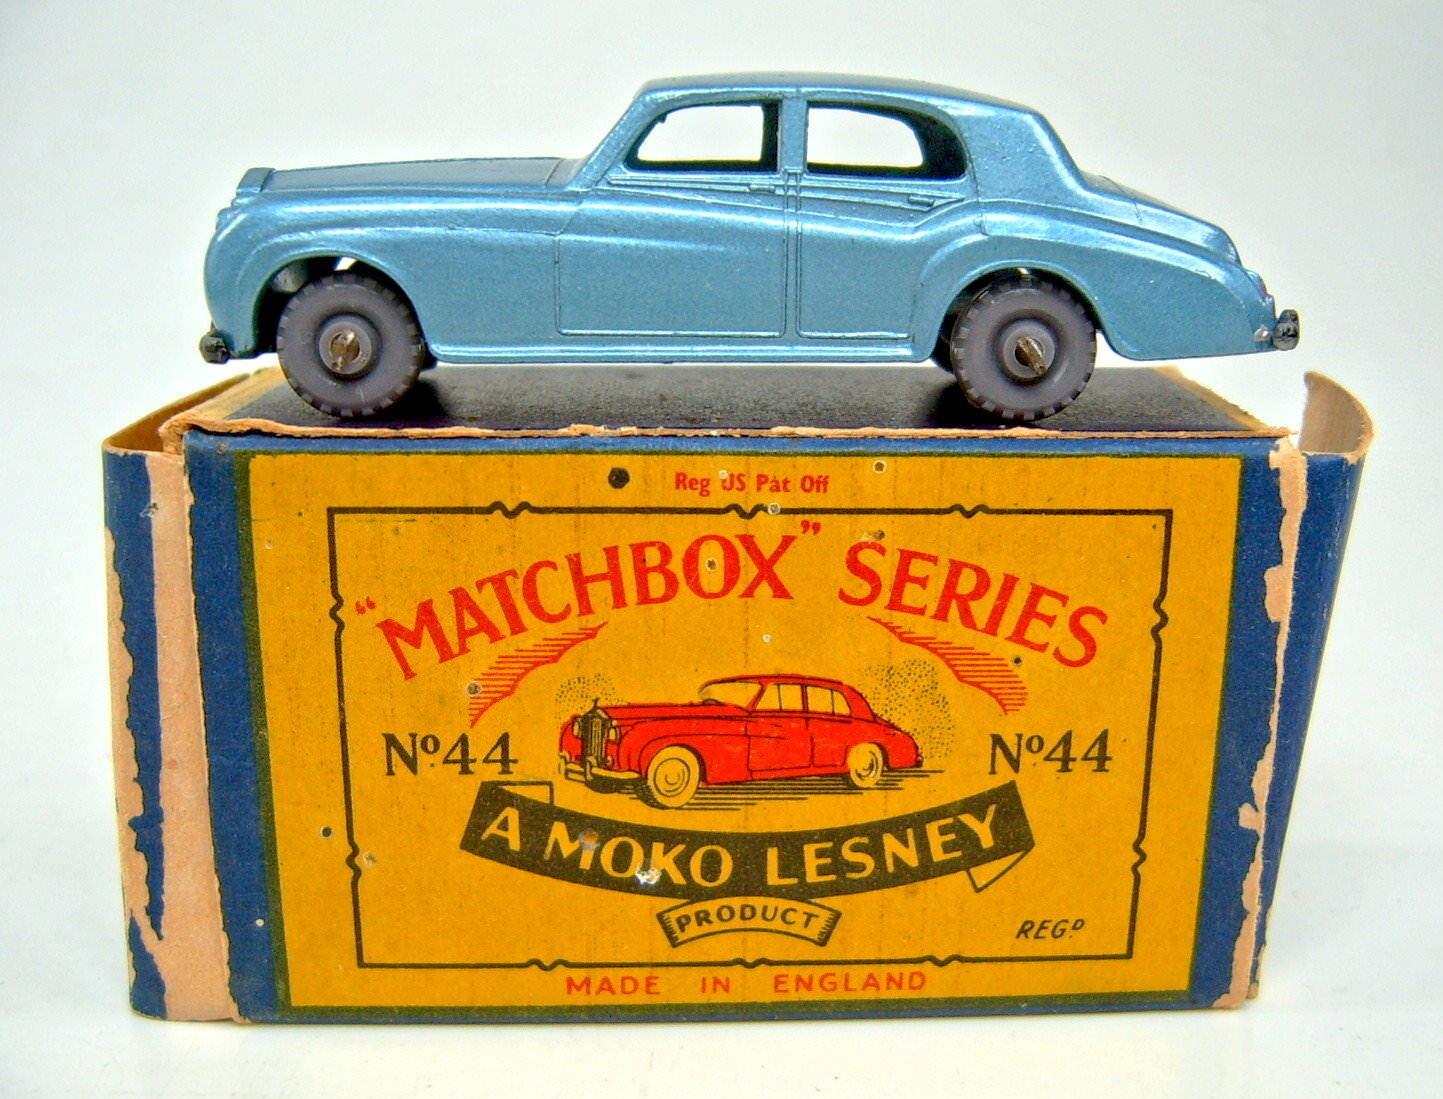 MATCHBOX rw44a Rolls Royce BLU METALLIZZATO GRIGIO PLASTICA RUOTE Top in  B  BOX